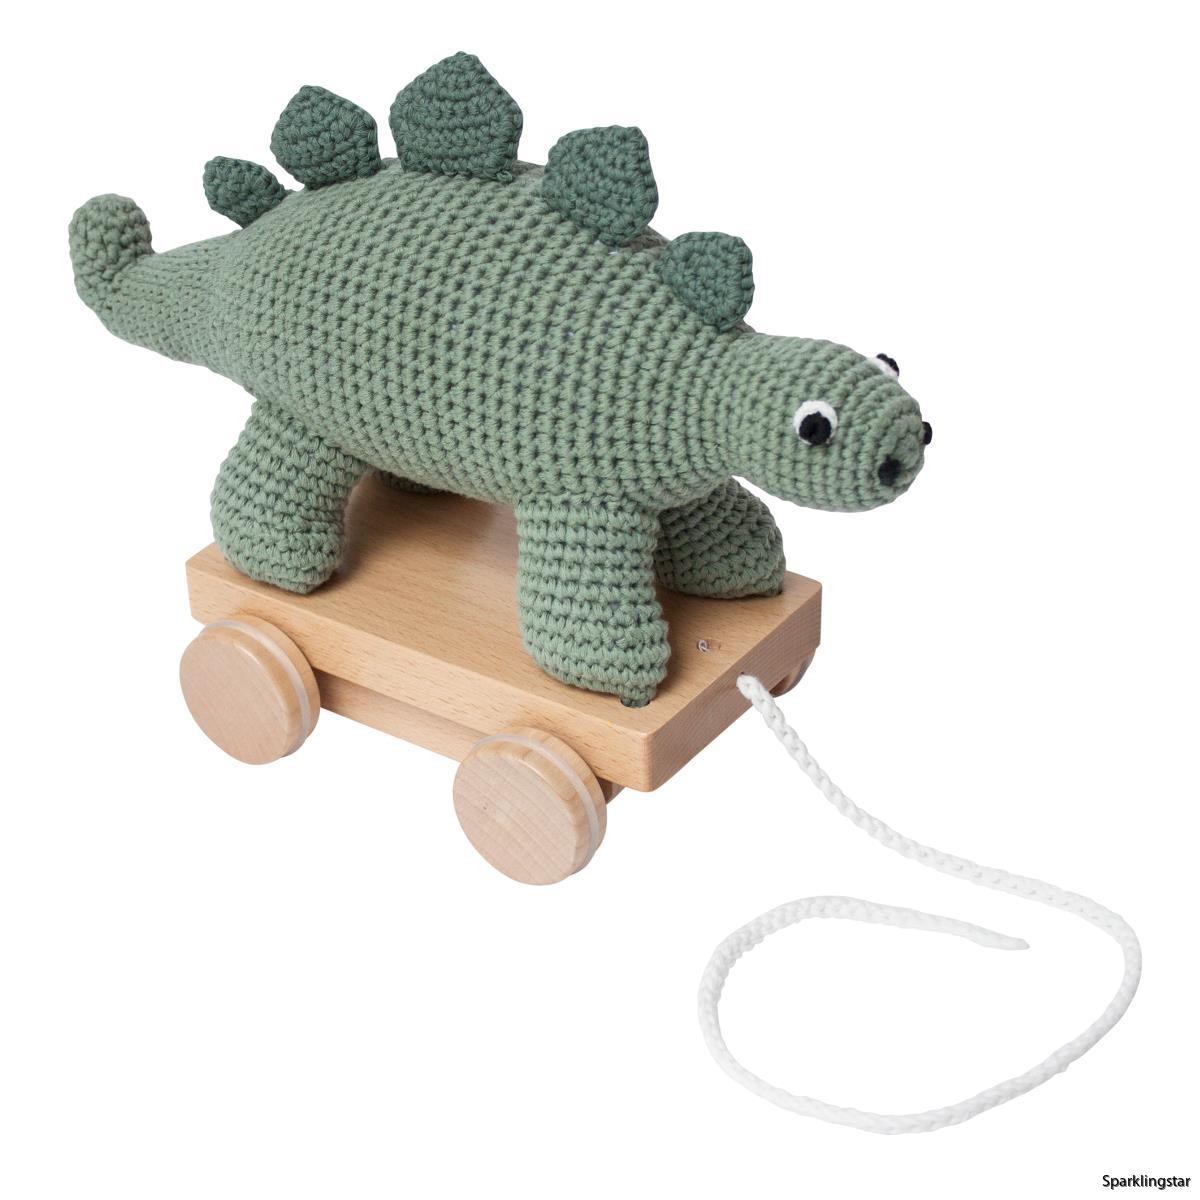 Sebra Dragdjur Dinosaur